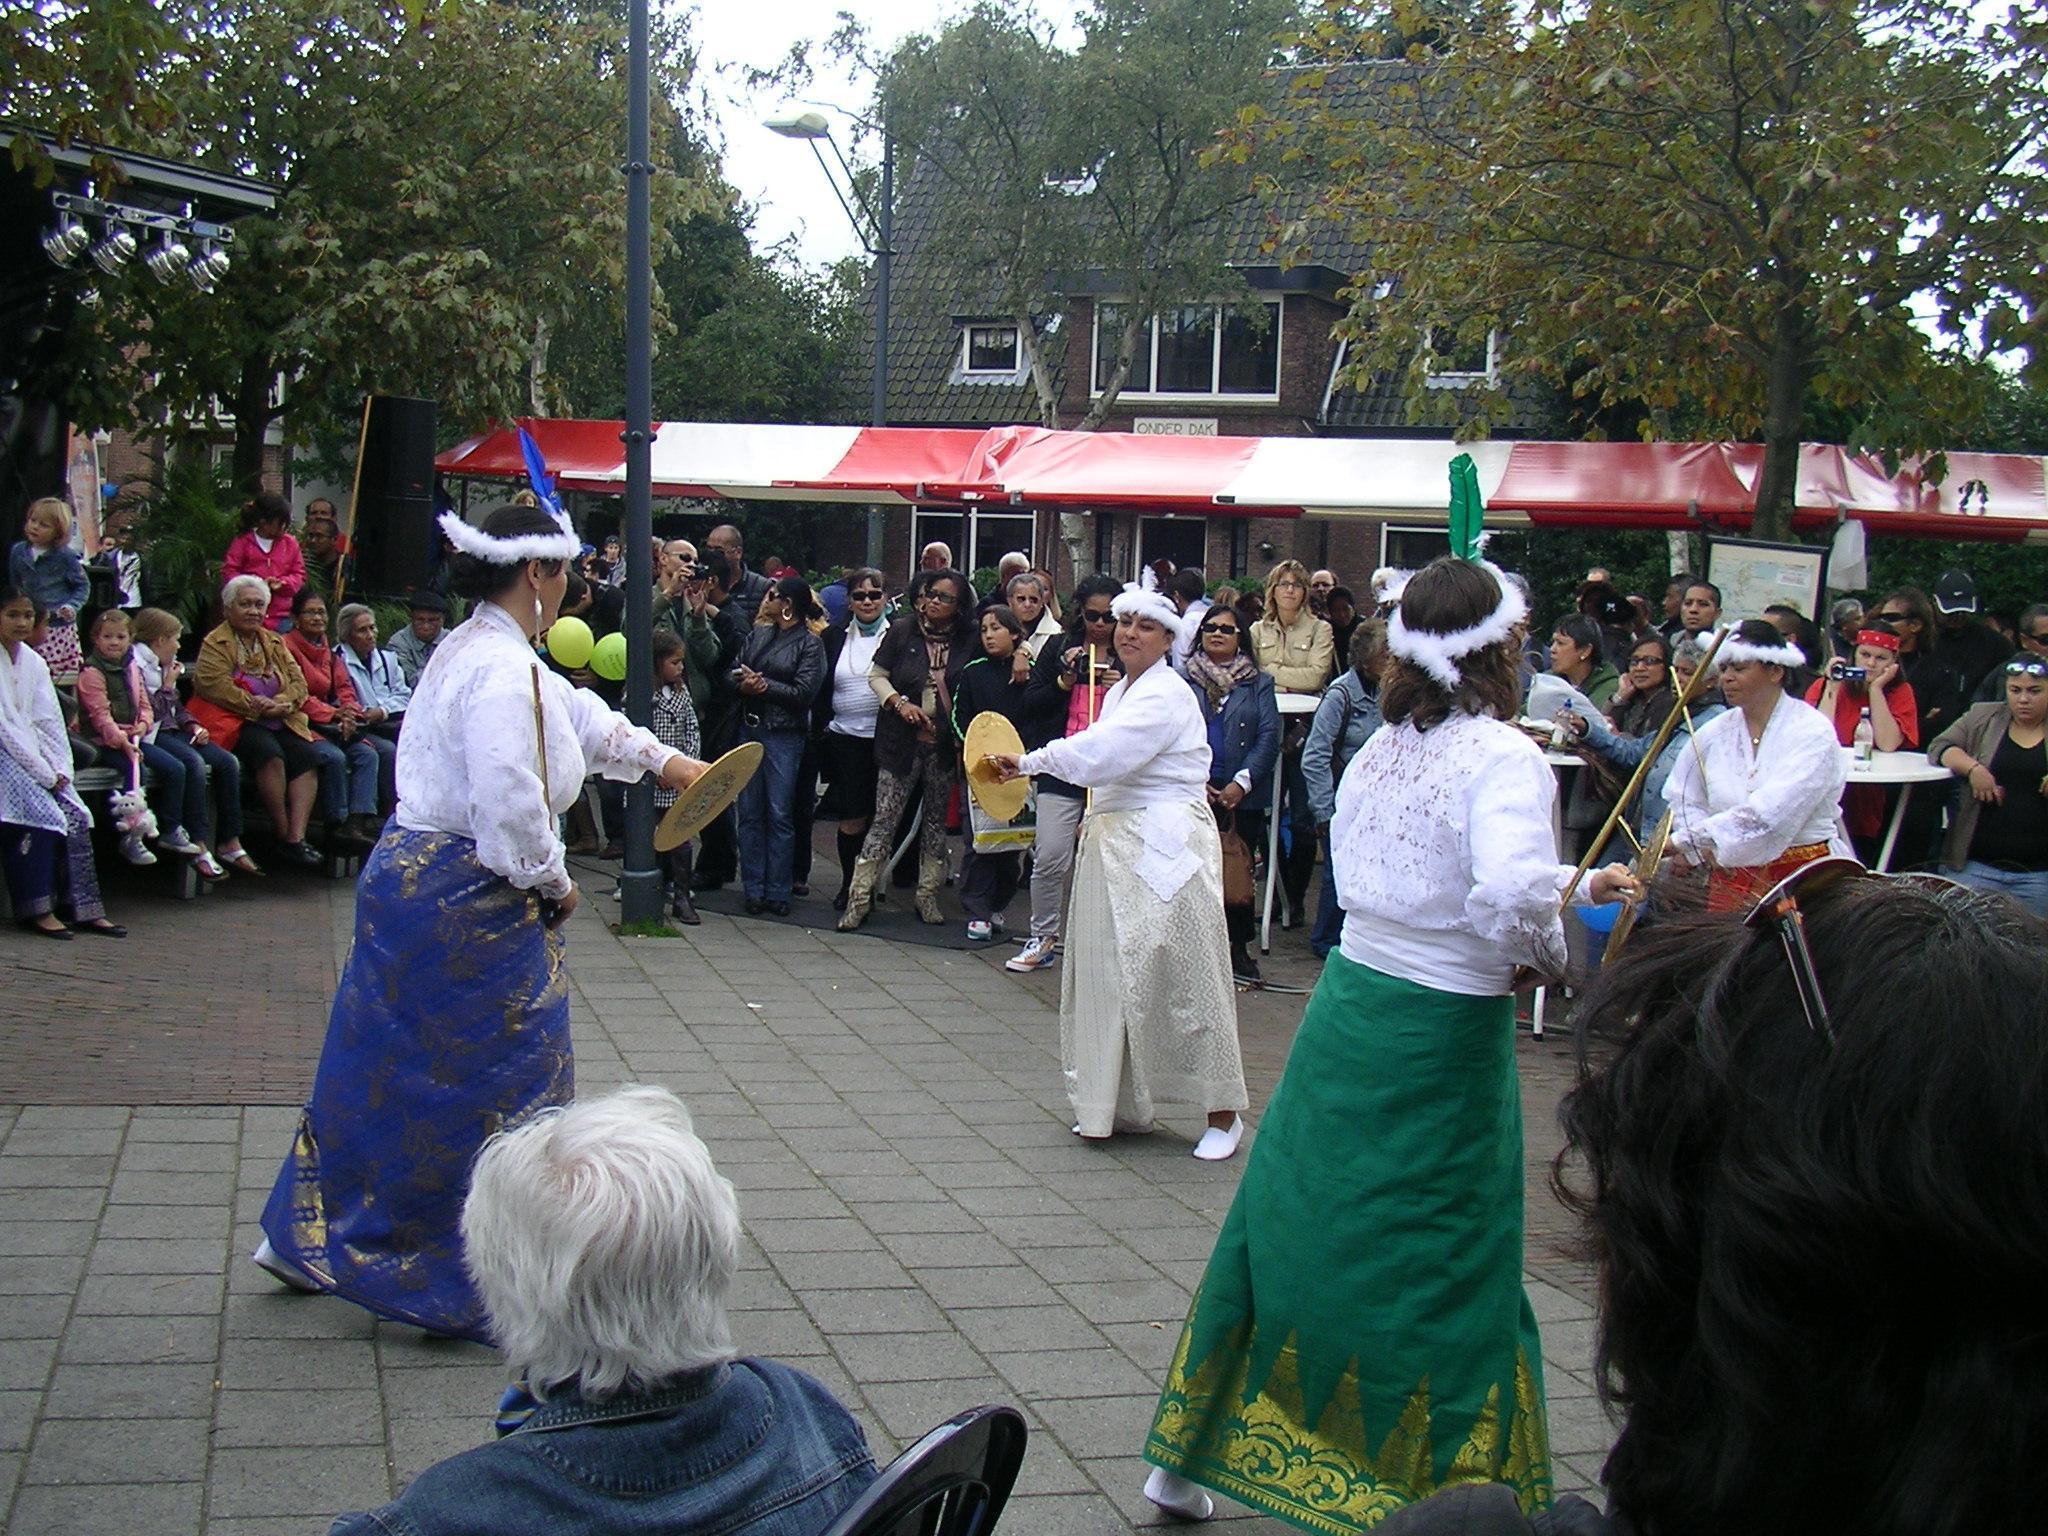 Inzamelingsactie voor Moluks monument in Alphen aan den Rijn, dat 4 september wordt onthuld